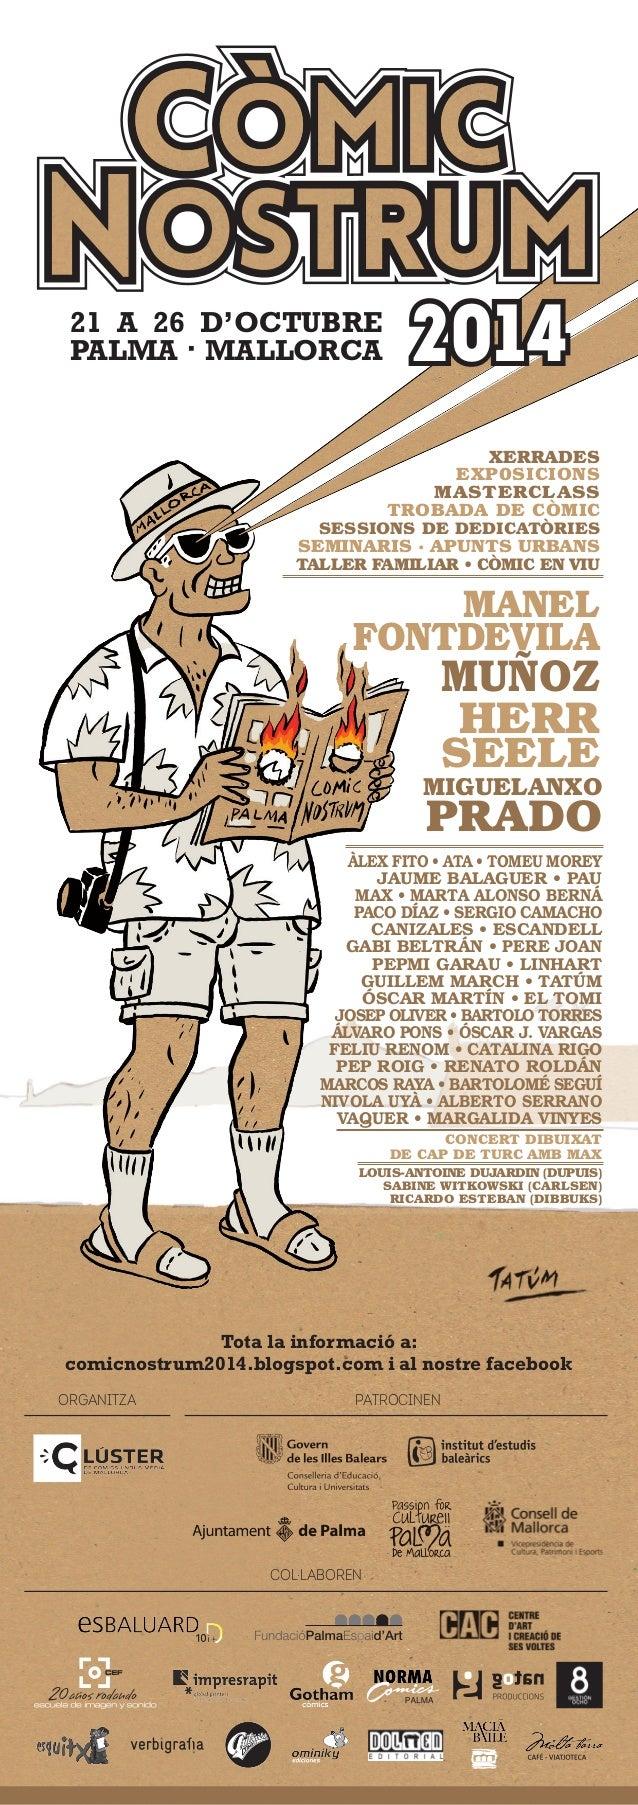 21 a 26 d'octubre 2014  Palma · Mallorca  Tota la informació a:  comicnostrum2014.blogspot.com i al nostre facebook  Organ...